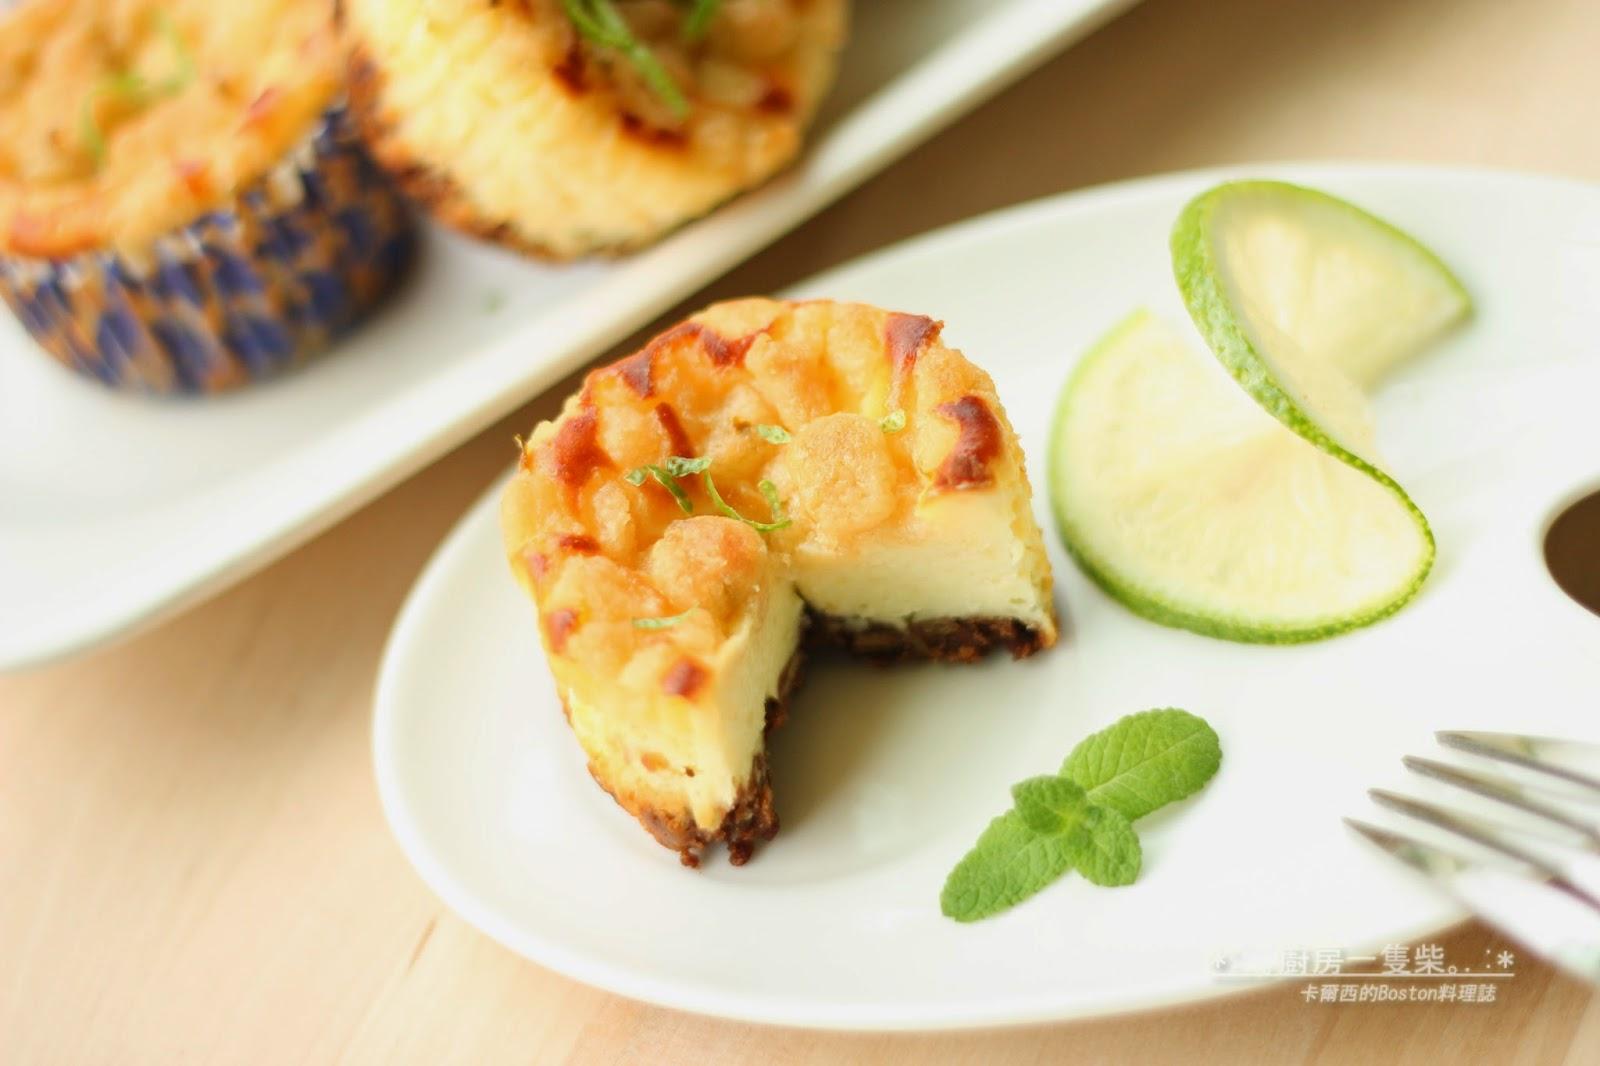 廚房一隻柴。.:*: 【烘焙玩甜點】菠蘿起司蛋糕